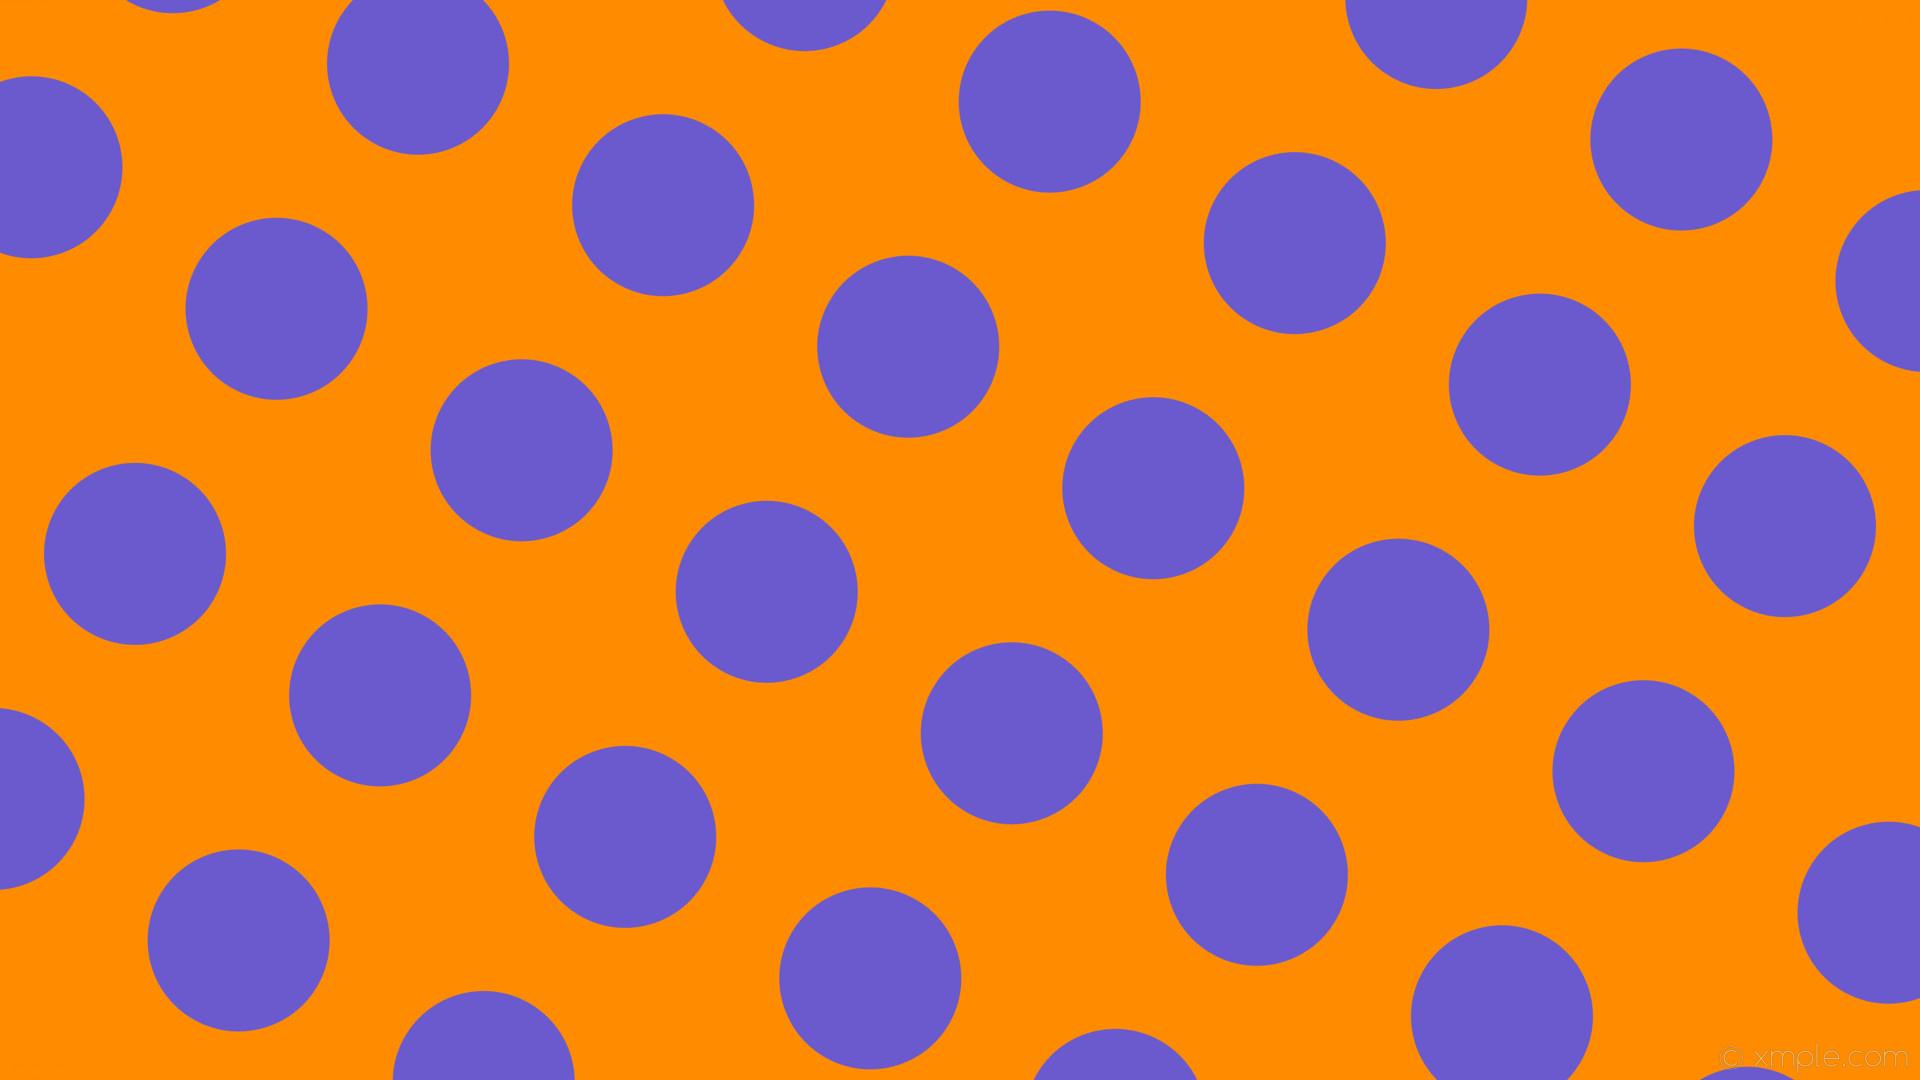 wallpaper purple dots spots orange polka dark orange slate blue #ff8c00  #6a5acd 330°